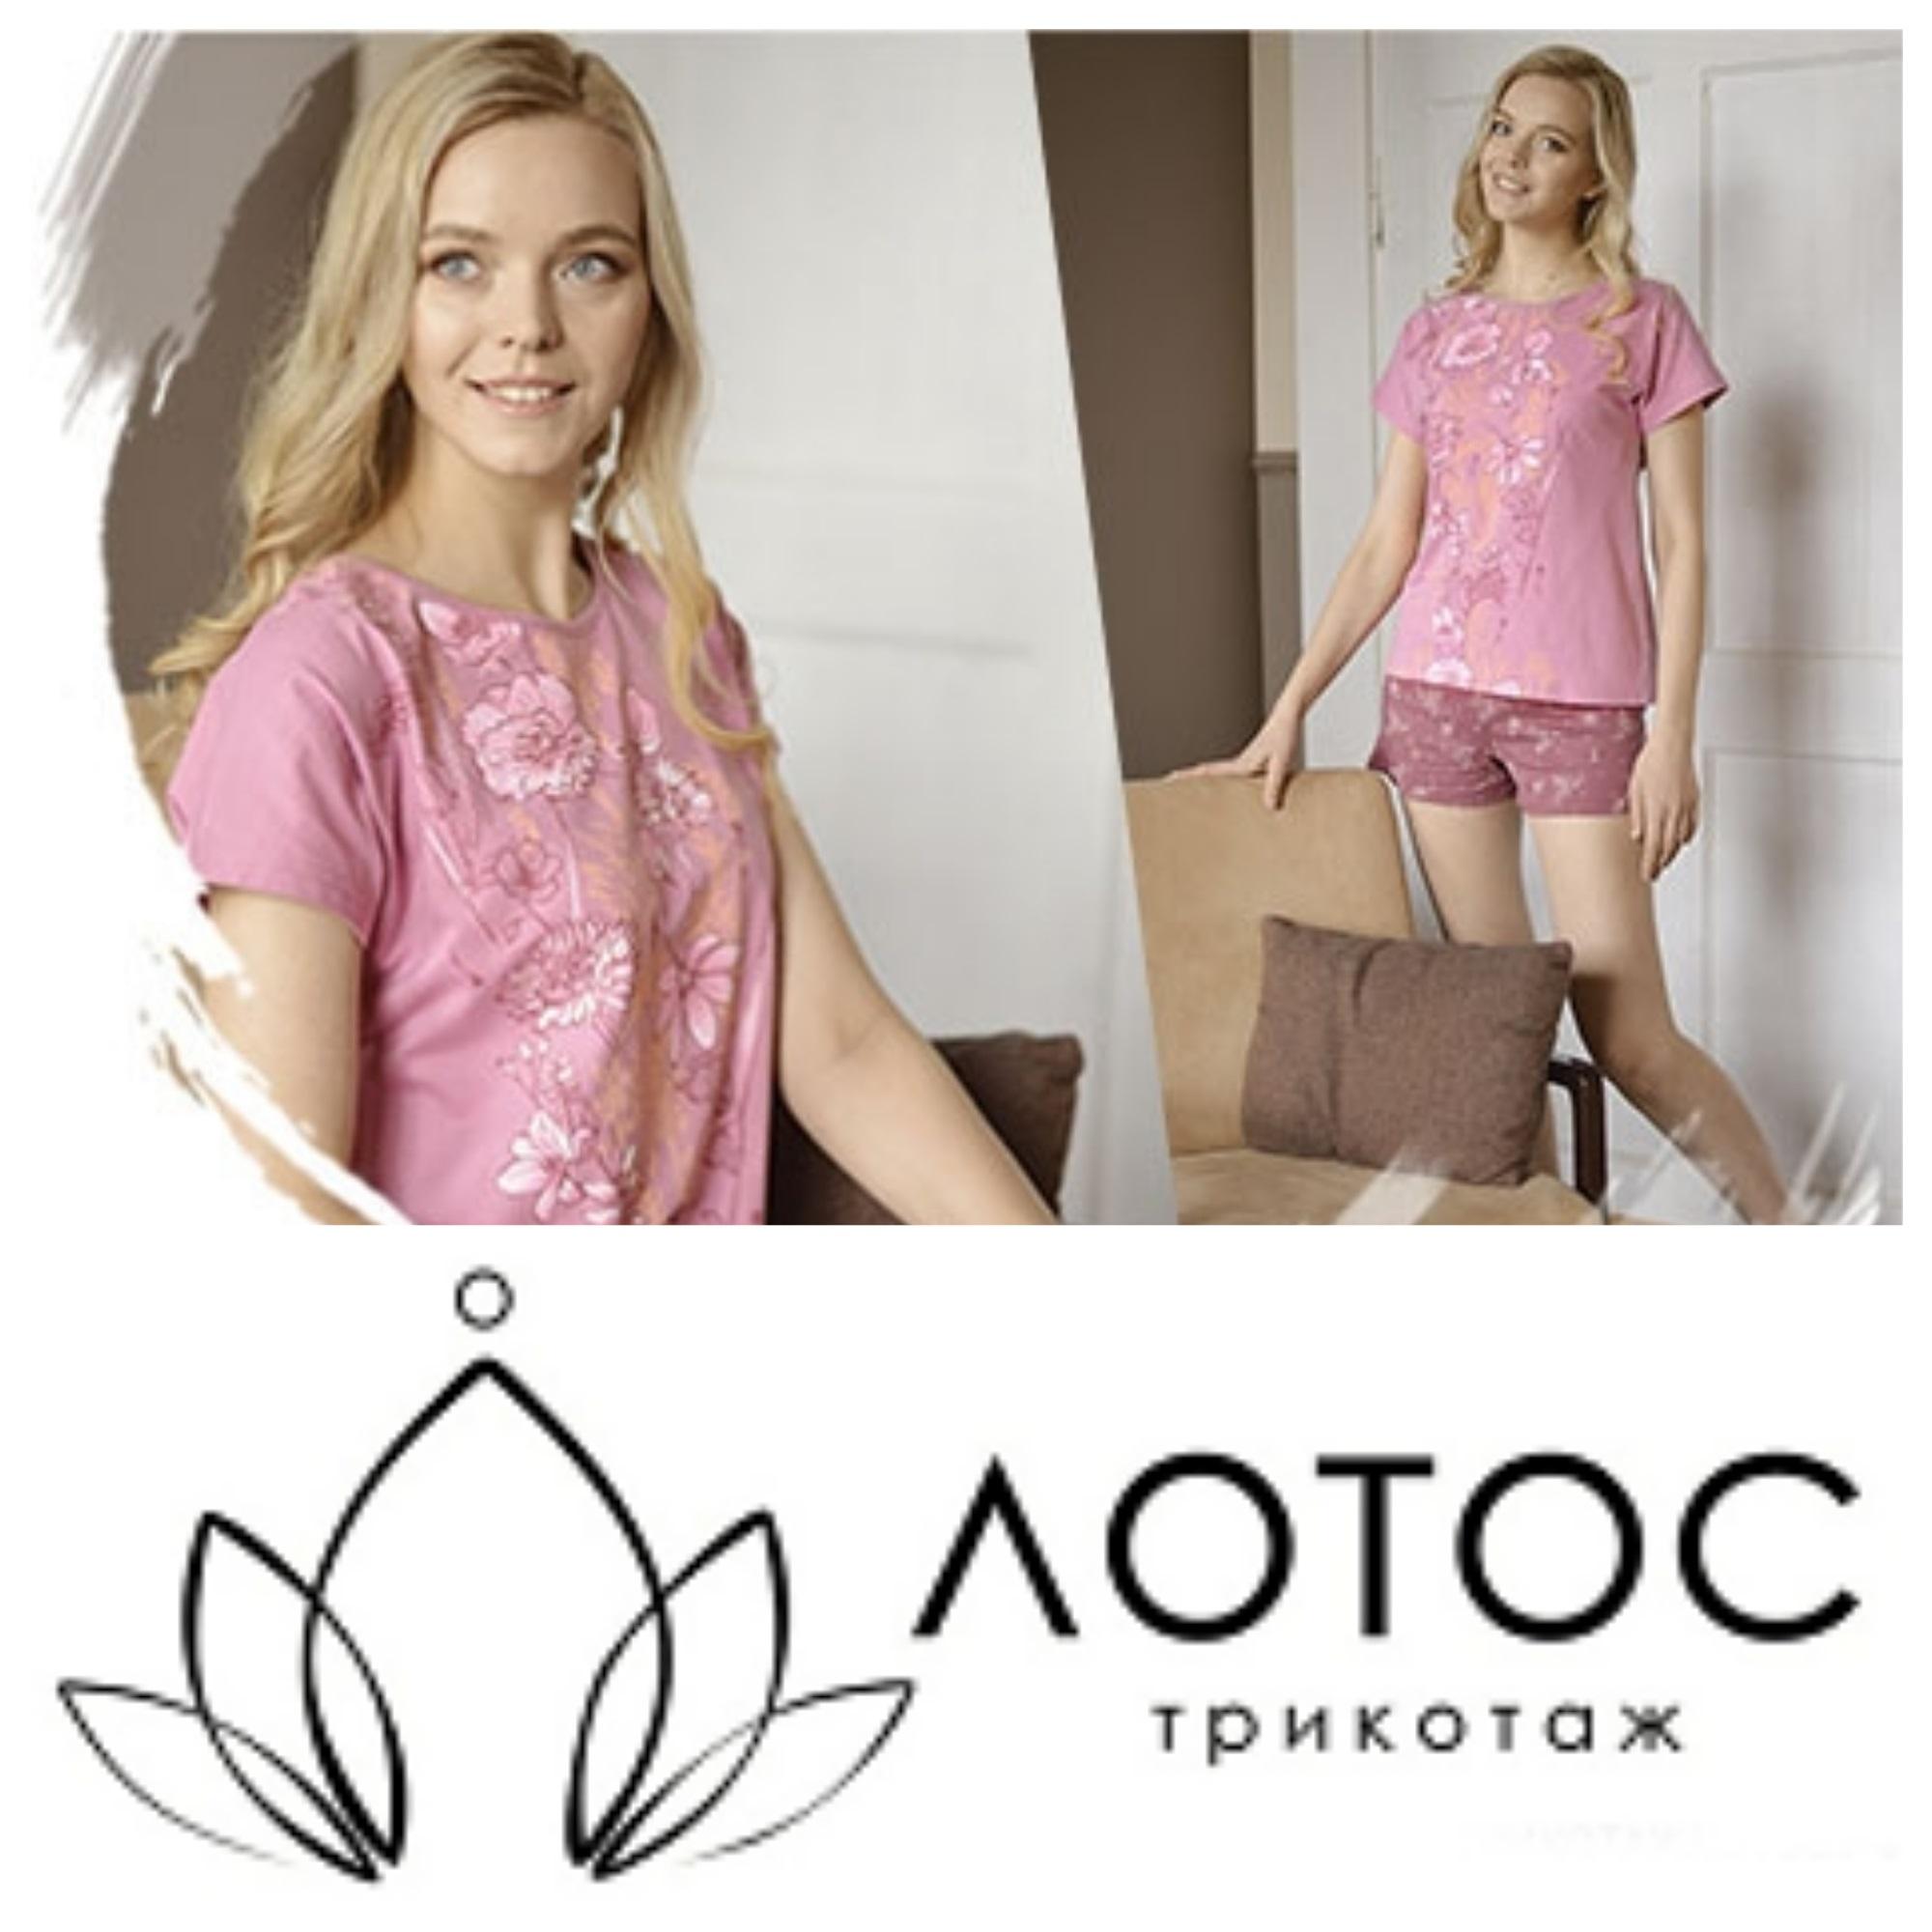 10da323881f6a Лотос - домашний женский трикотаж. - Страница 4 - Совместные покупки ...